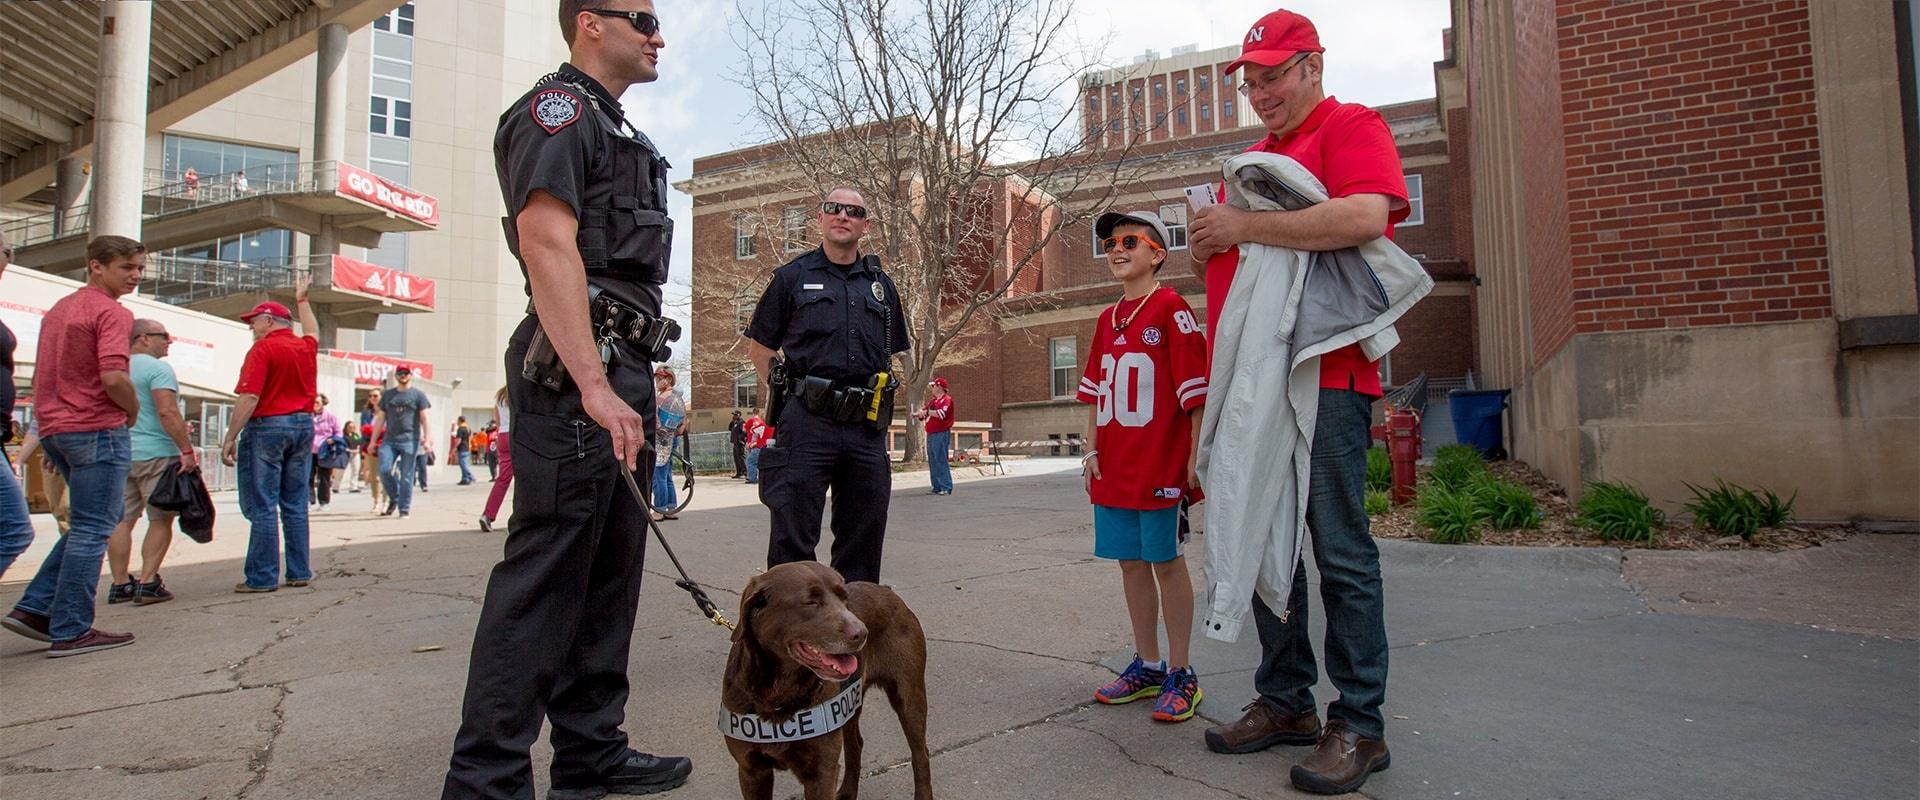 University Police Nebraska